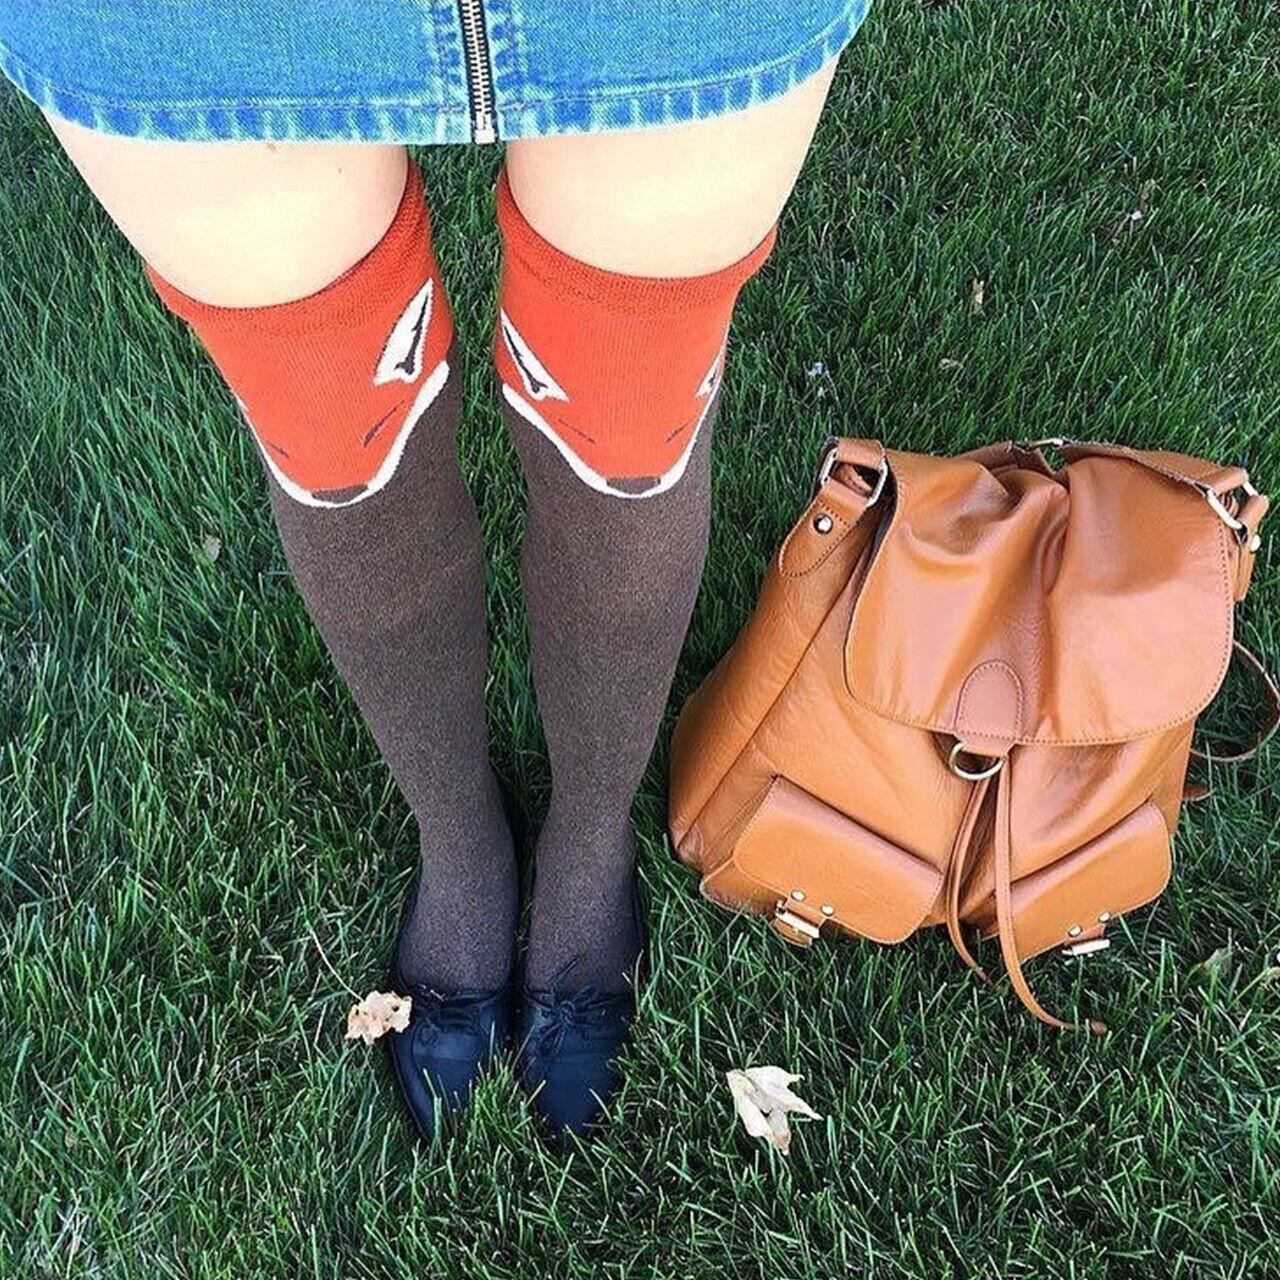 Overknee Strümpfe Überknie Strümpfe Kniestrümpfe Overknee Socks bunte Lang Socke